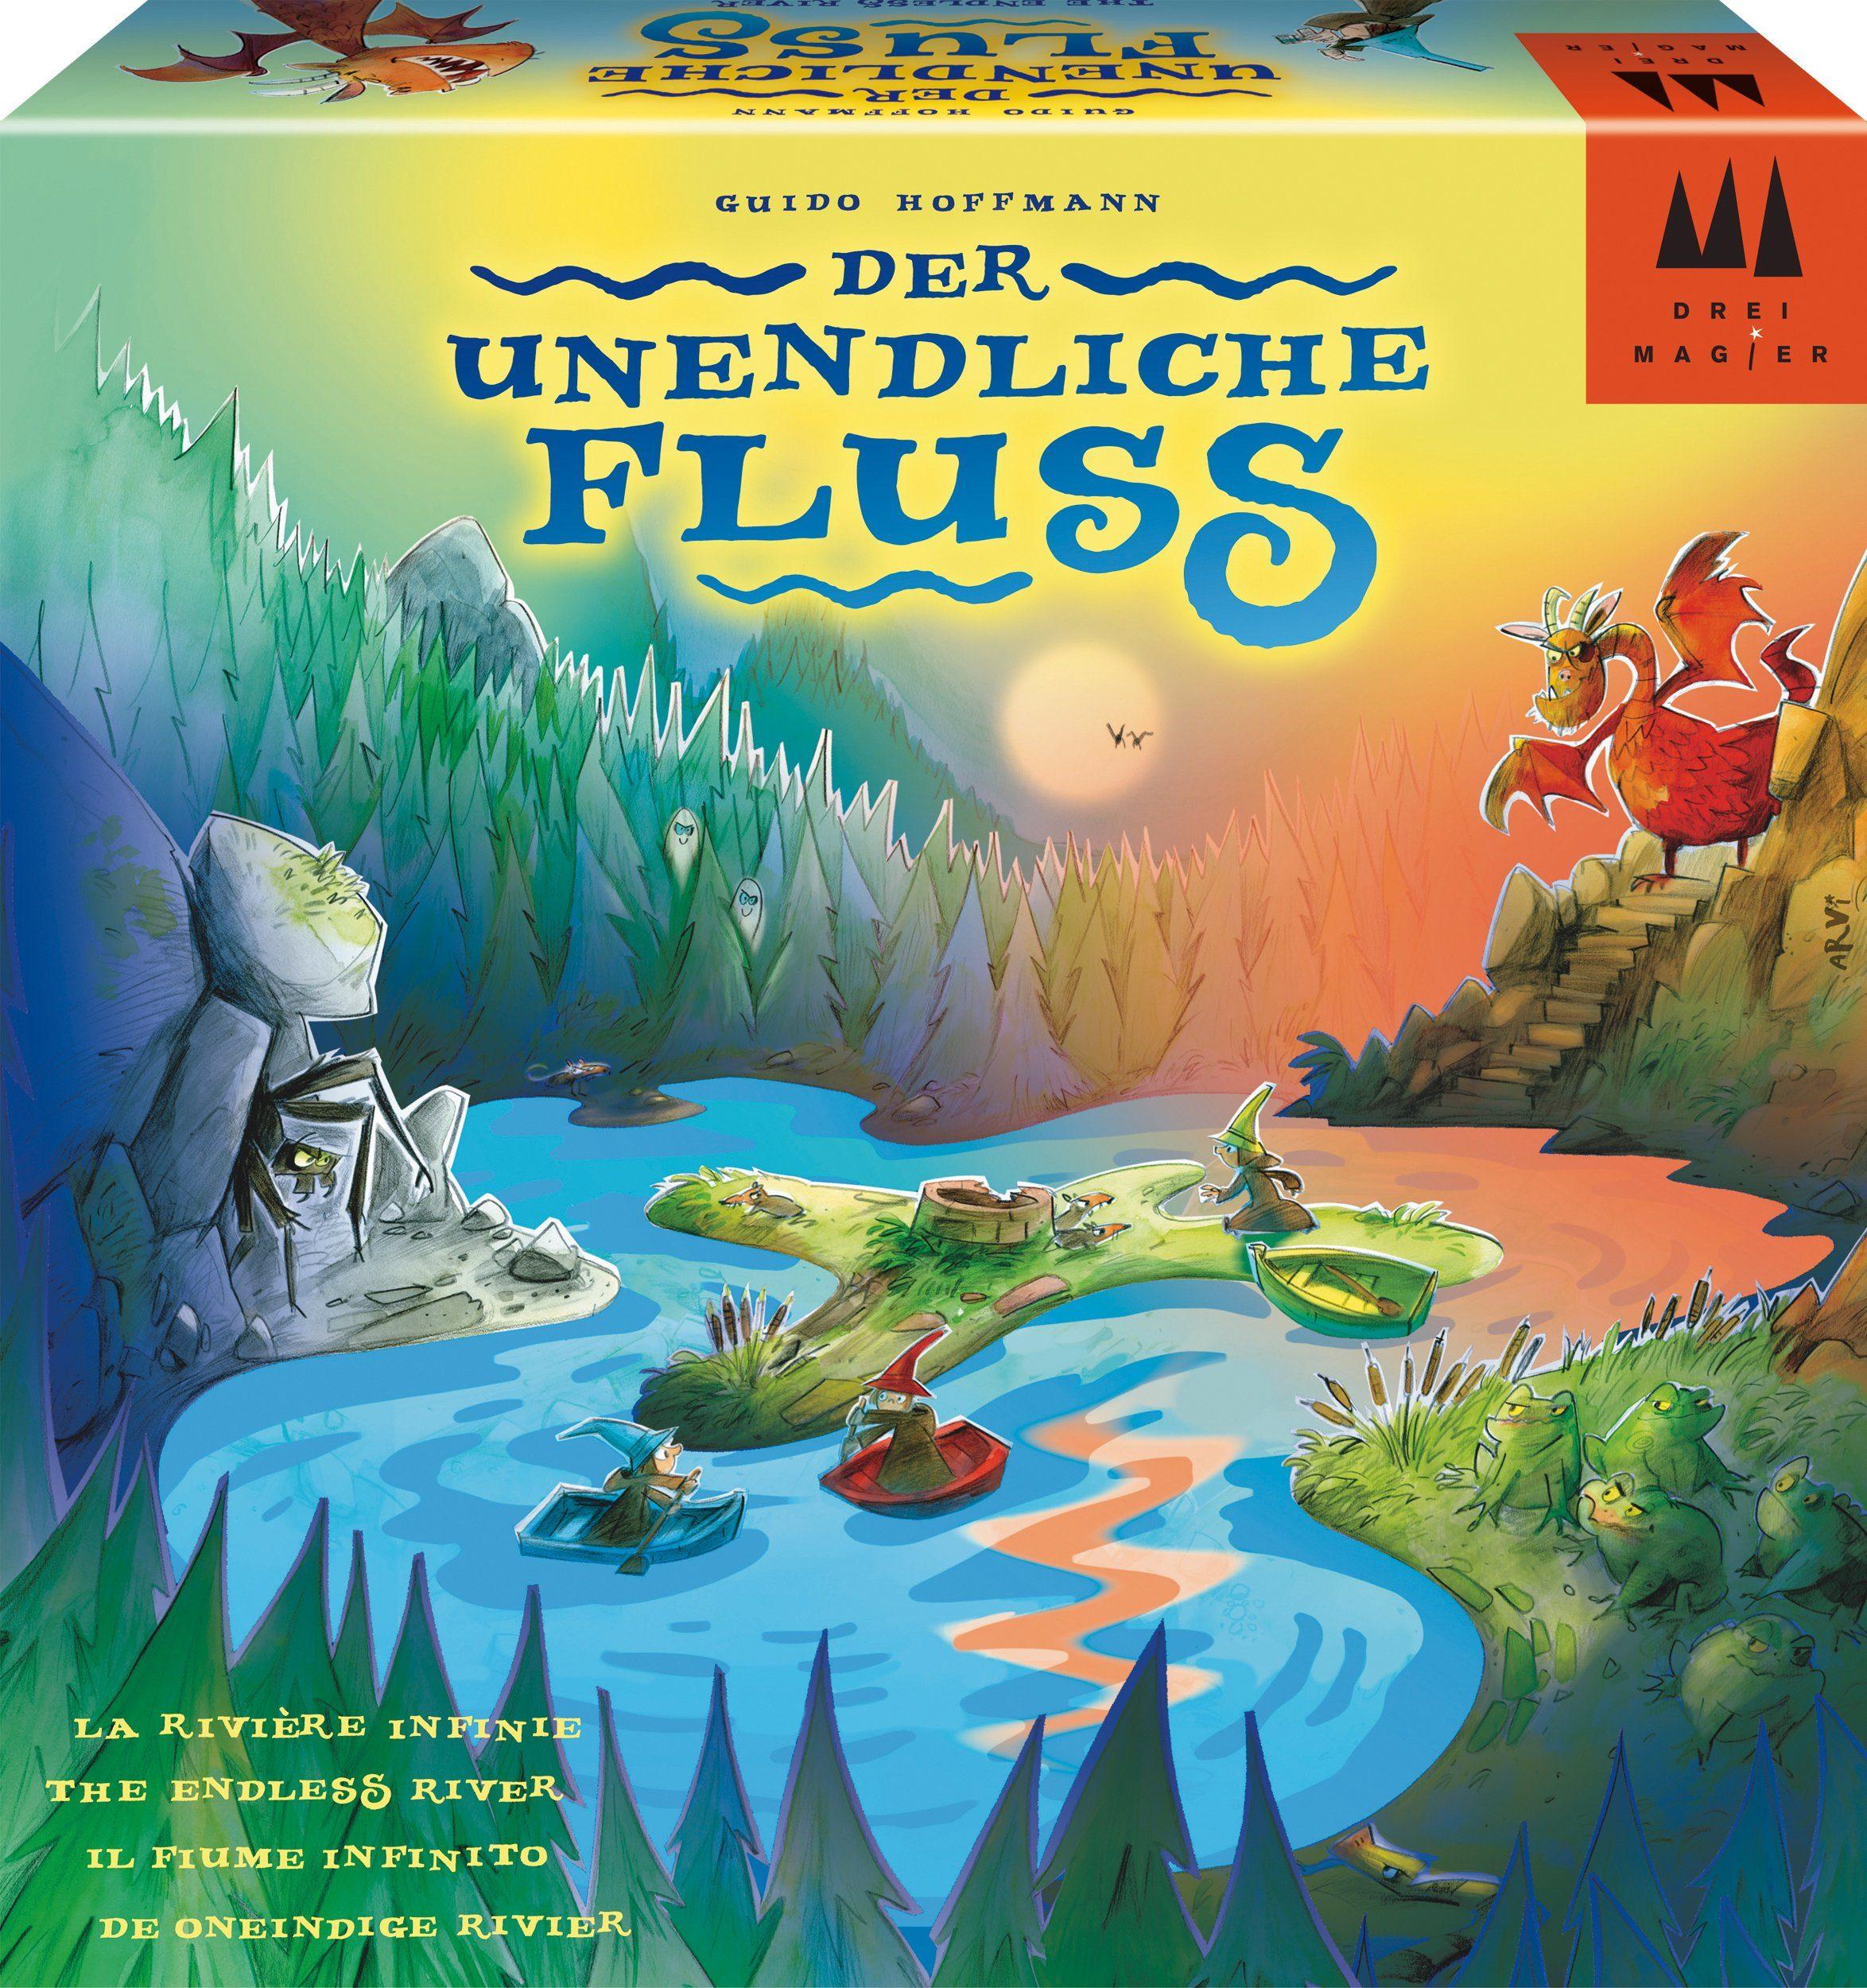 Drei Magier Spiele Brettspiel , »Der unendliche Fluss«